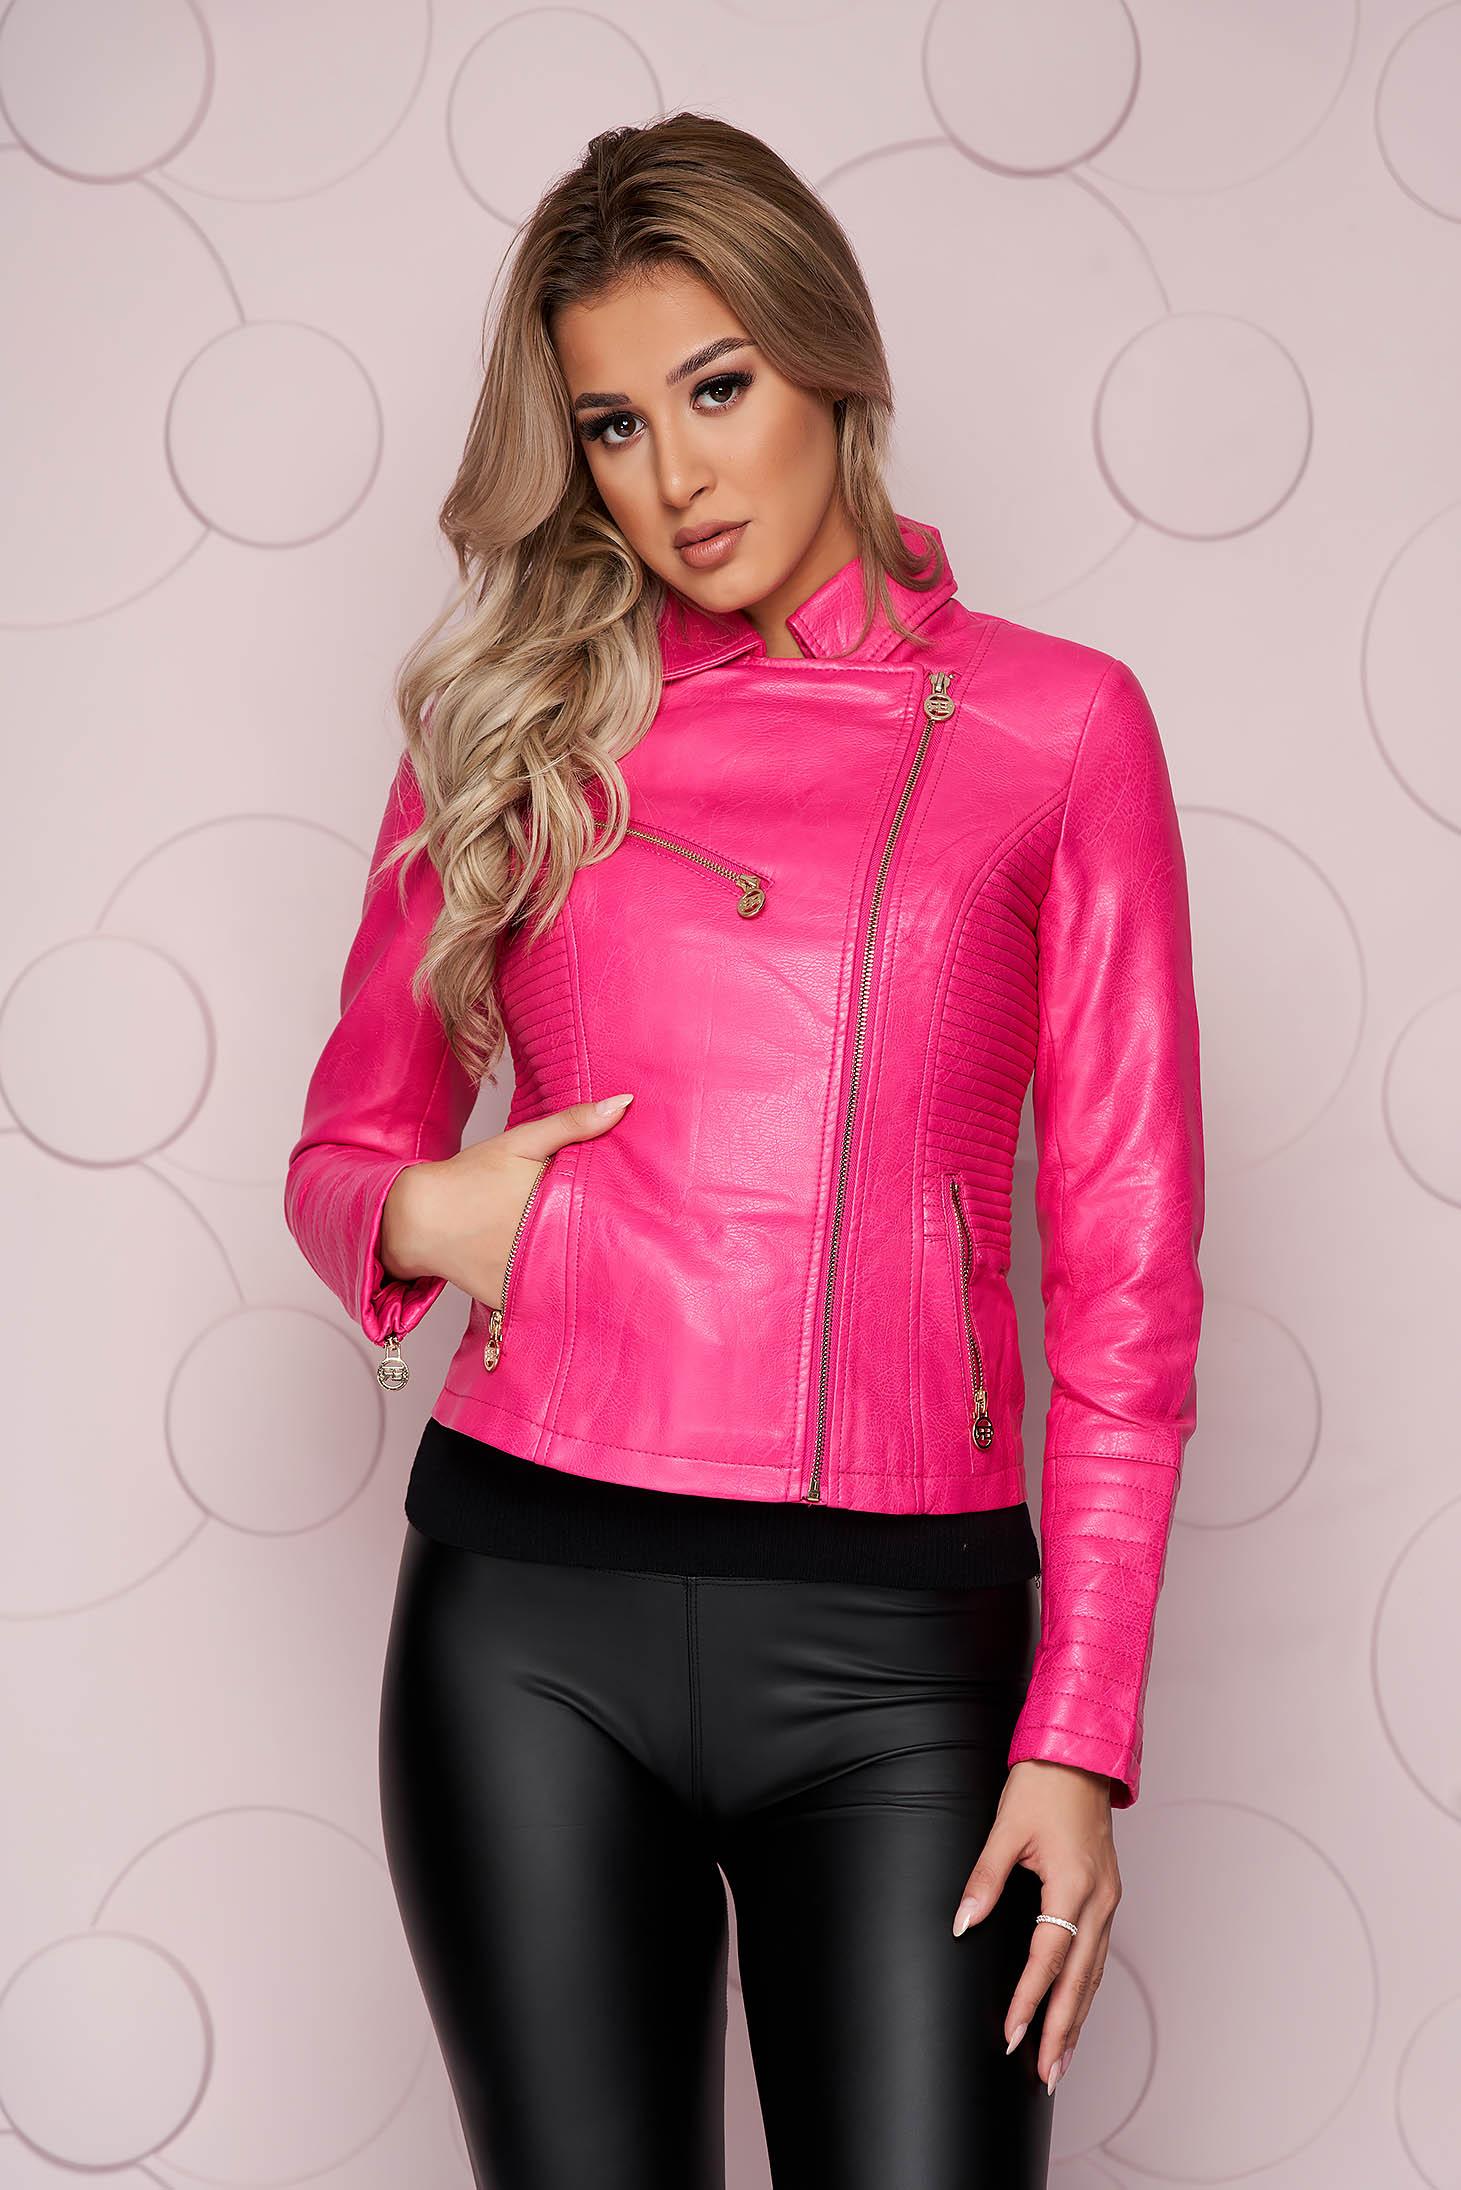 Geaca roz cambrata scurta material gros din piele ecologica cu buzunare si maneci cu fermoar